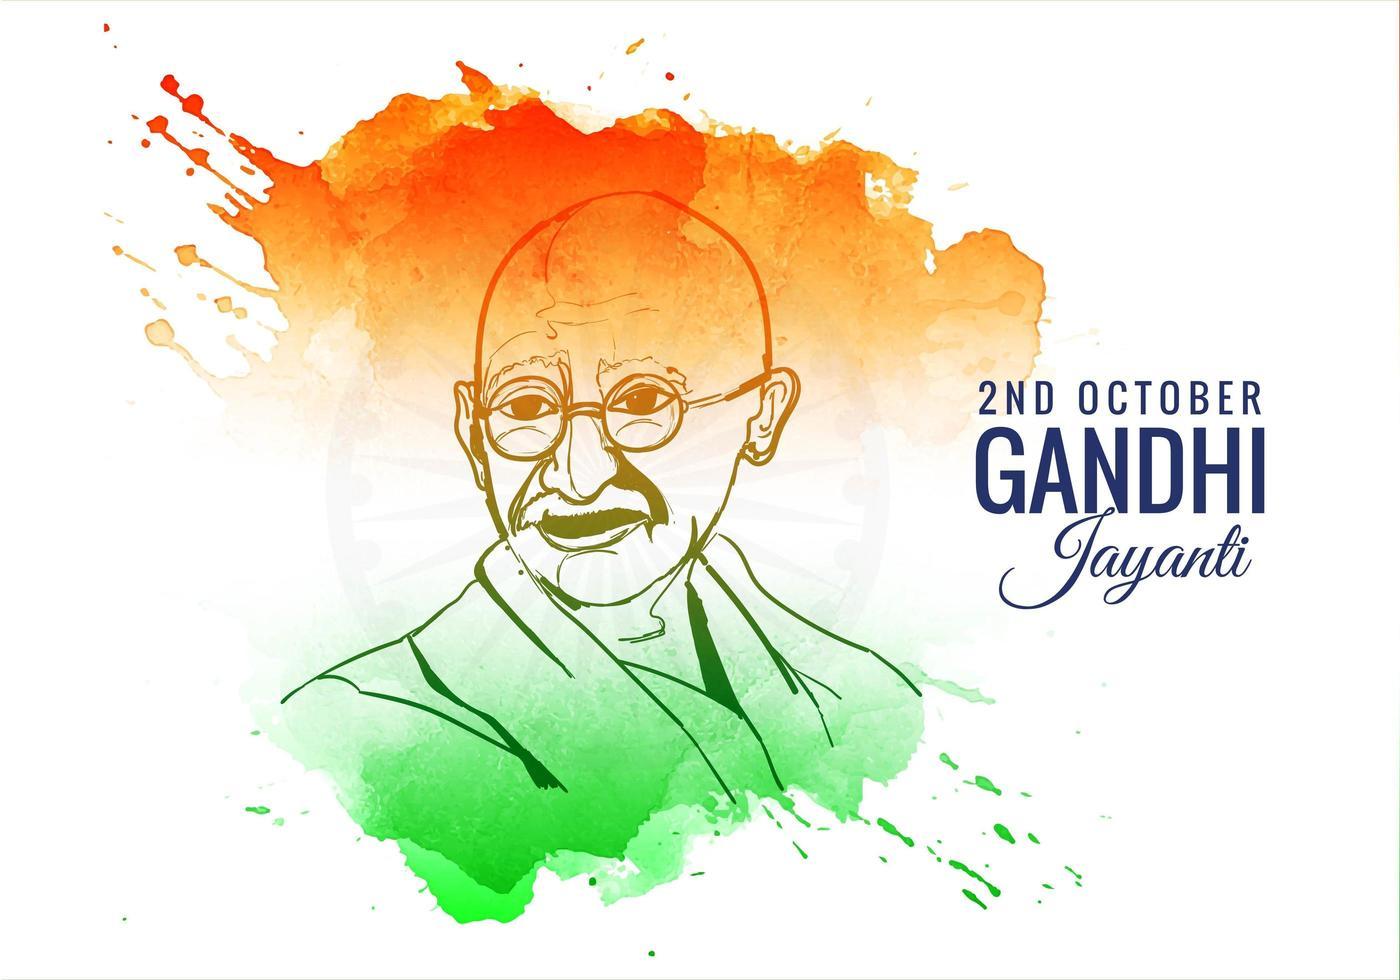 2 oktober gandhi jayanti kleurrijke splash achtergrond vector